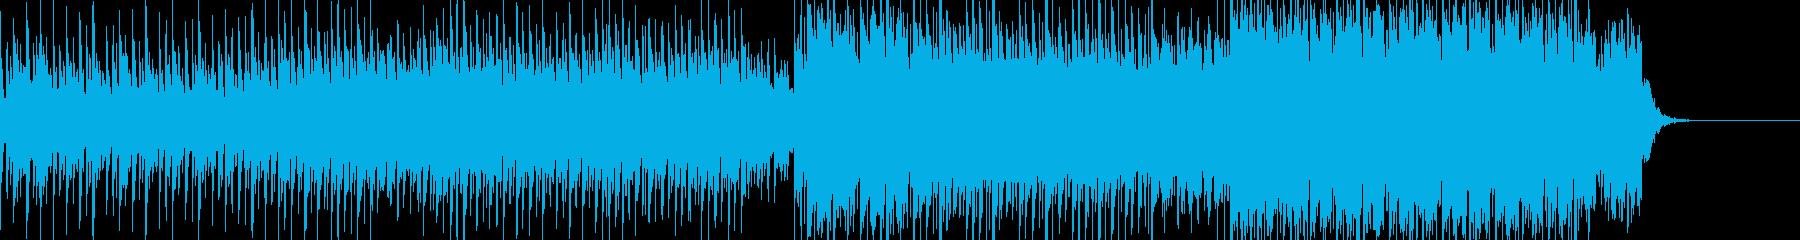 沖縄下千鳥音階によるハードテクノ60秒の再生済みの波形